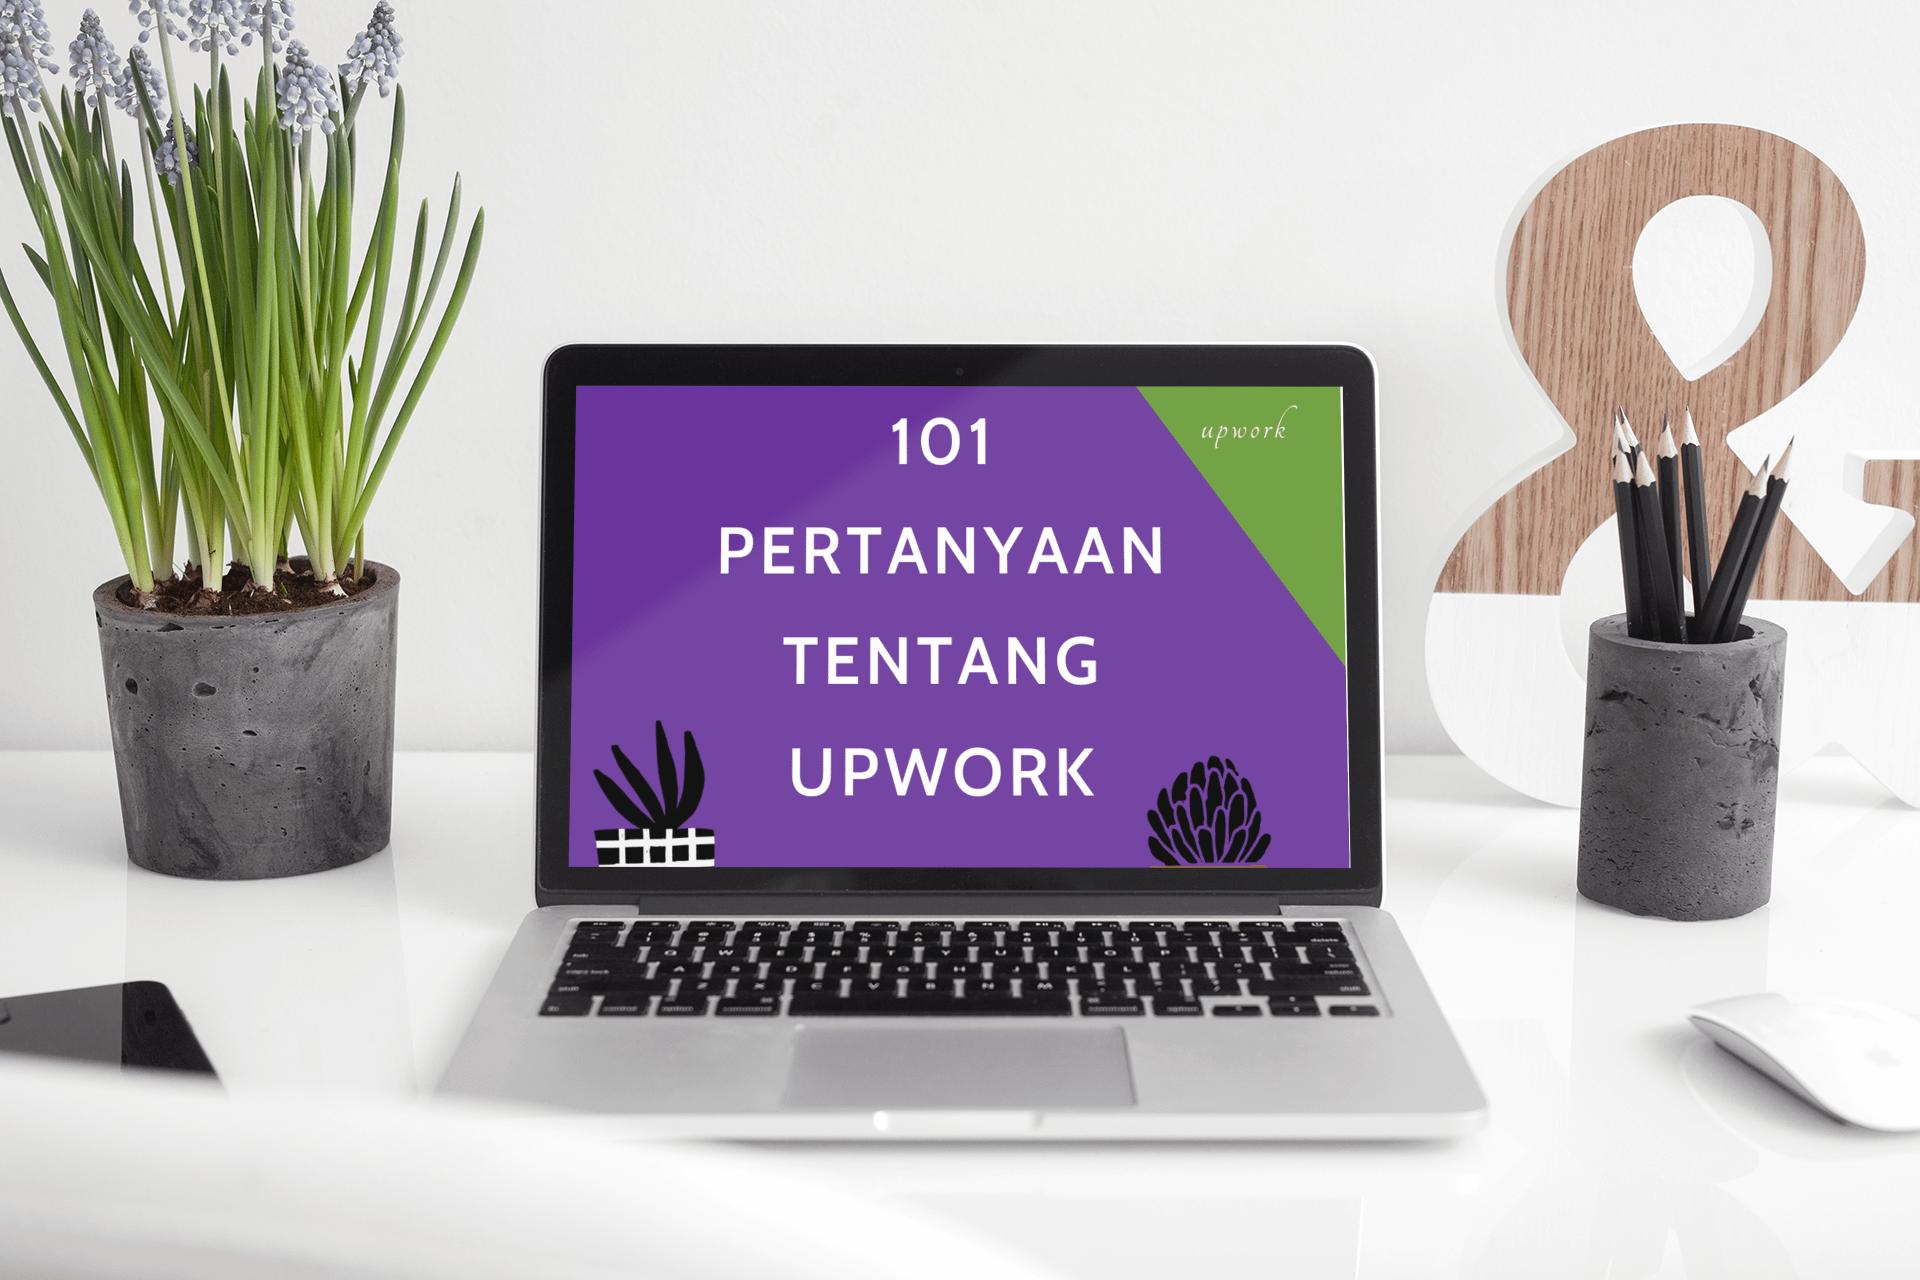 pertanyaan tentang upwork